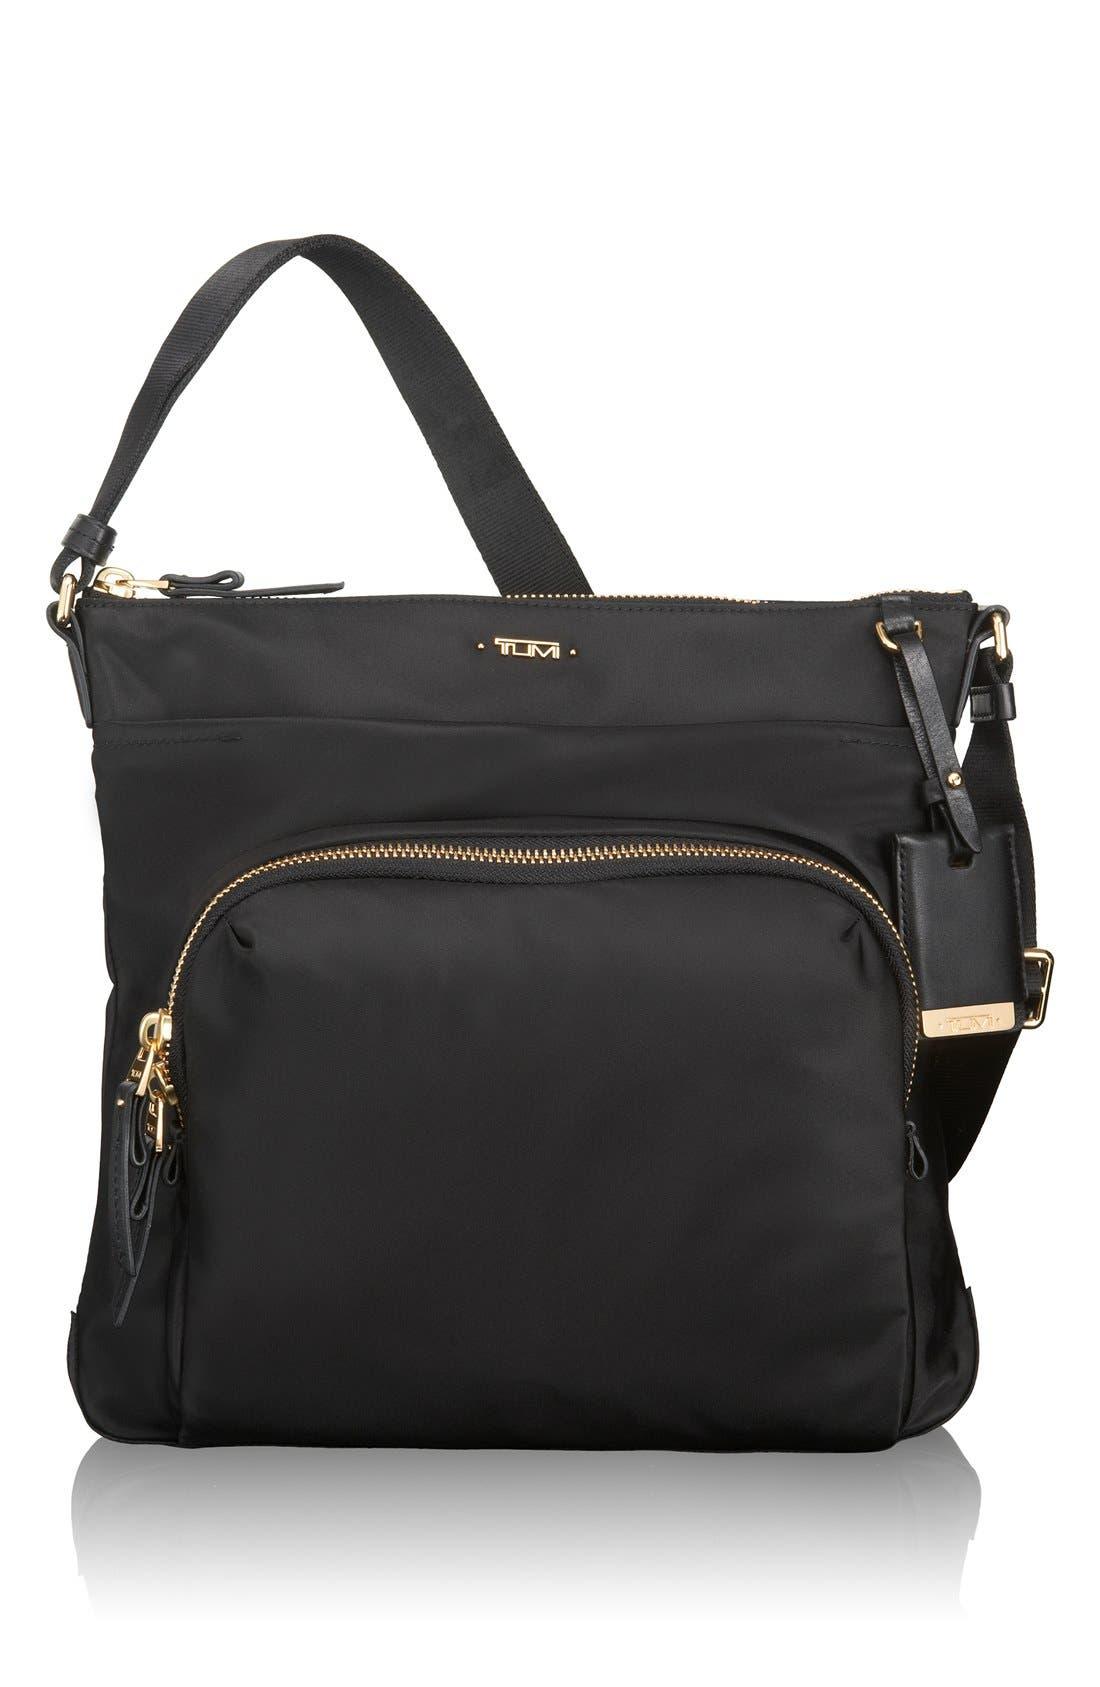 TUMI Voyageur - Capri Nylon Crossbody Bag